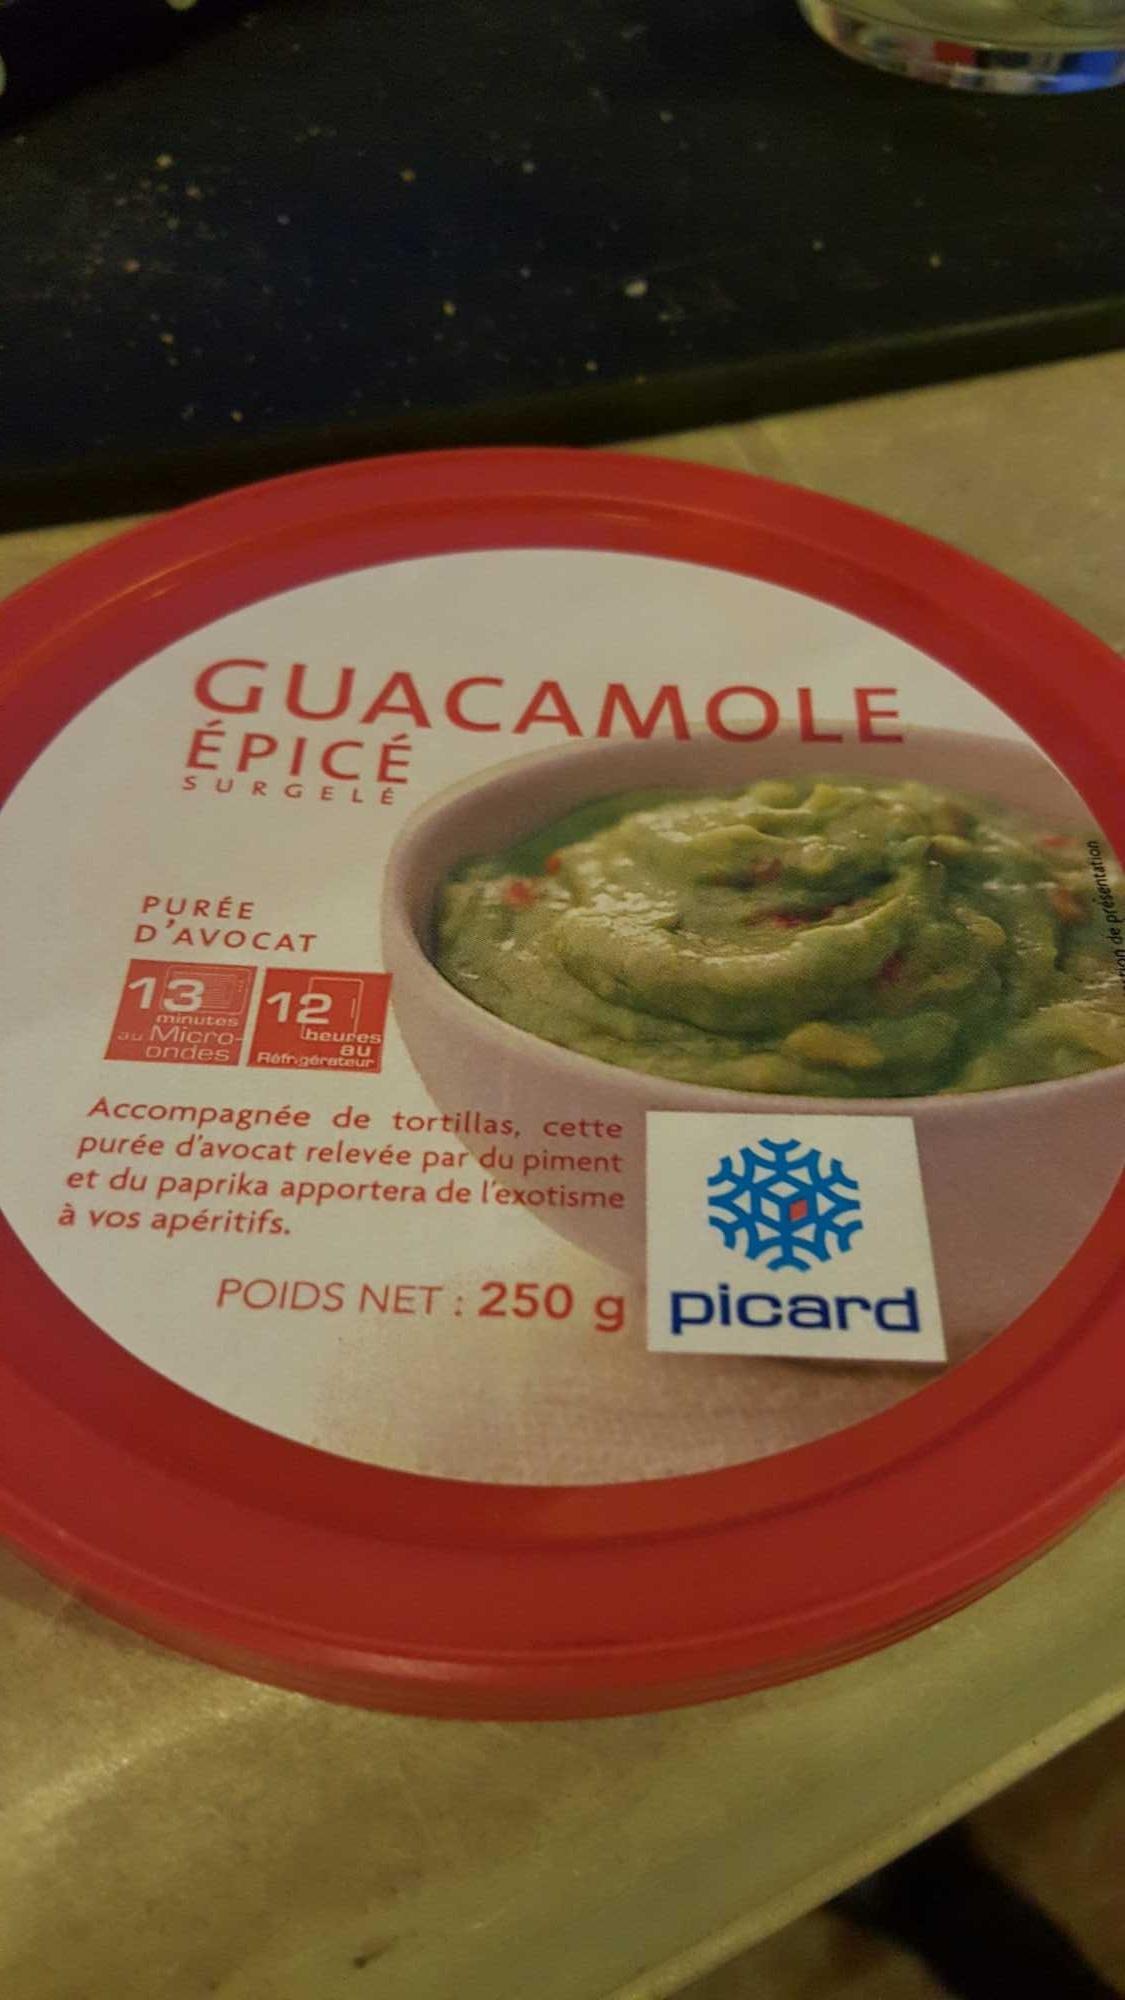 Guacamole Épicé - Product - fr